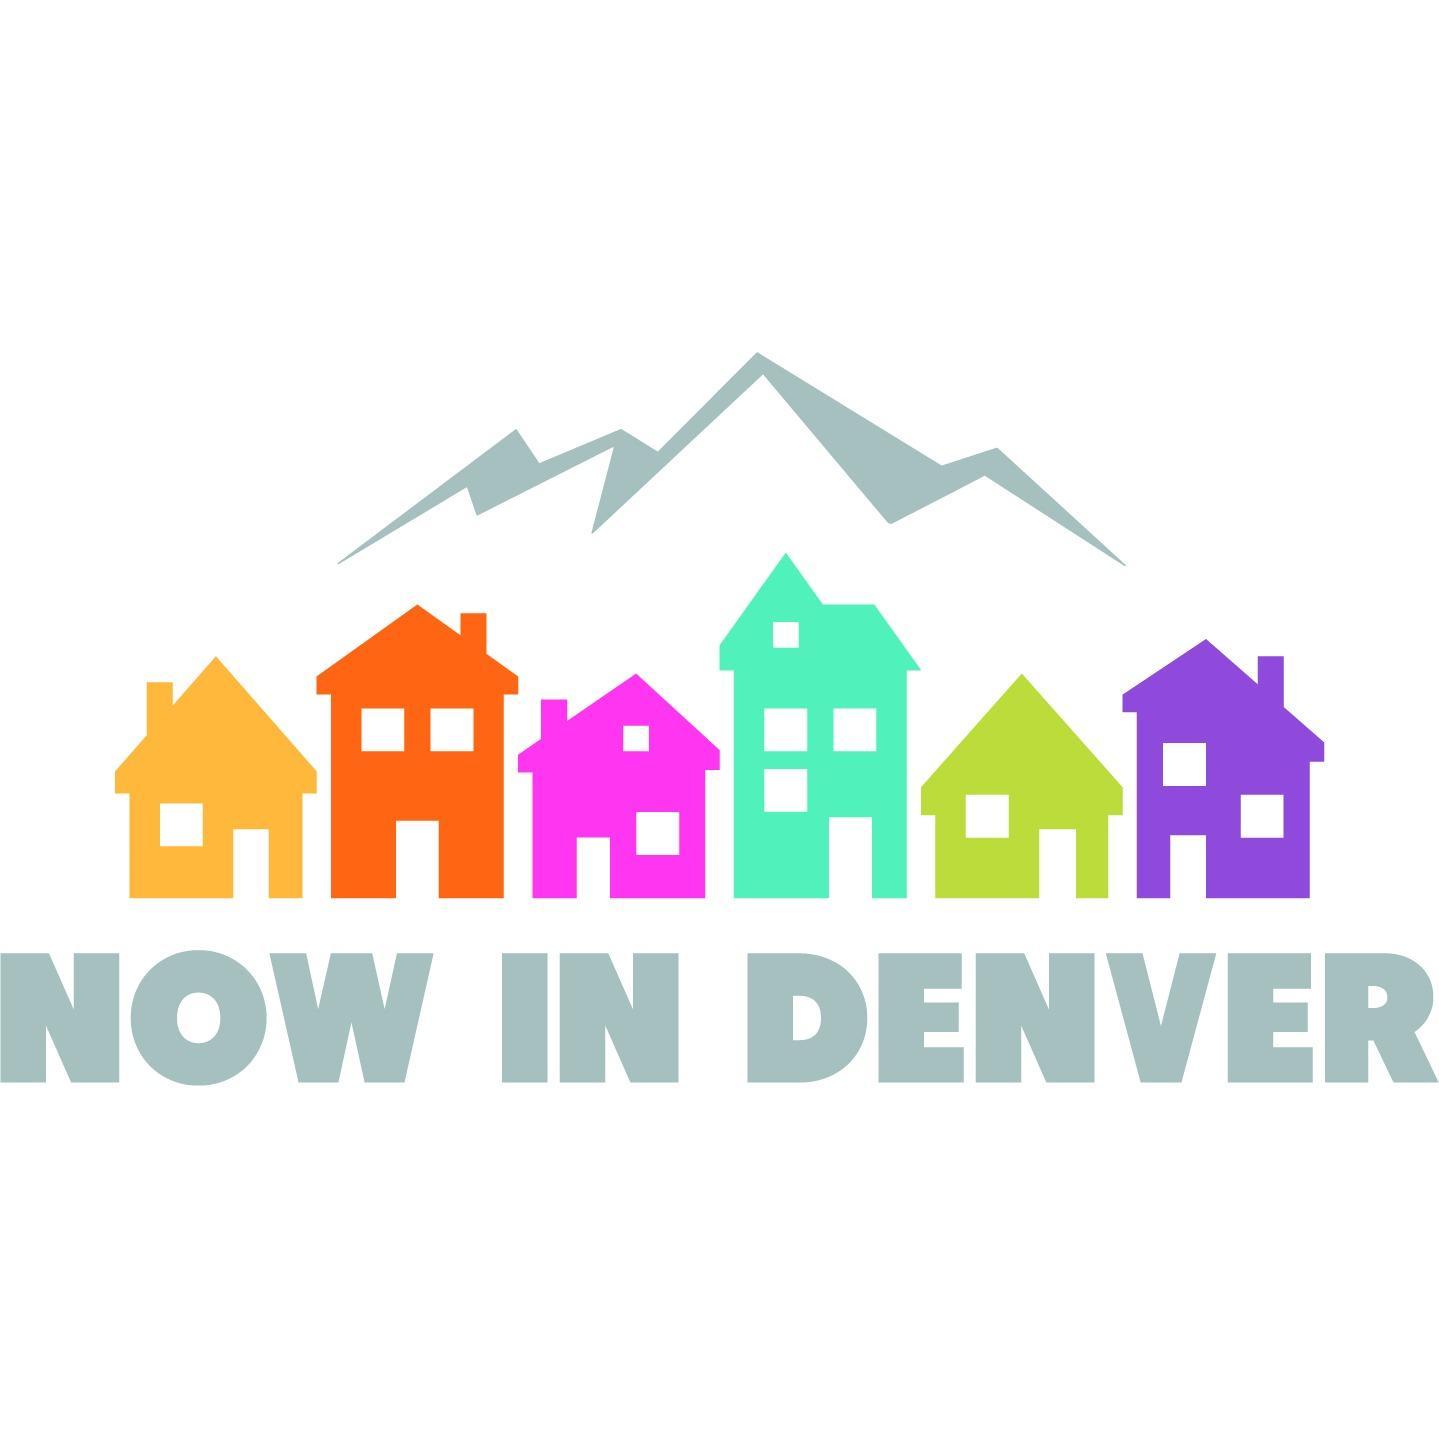 Now In Denver